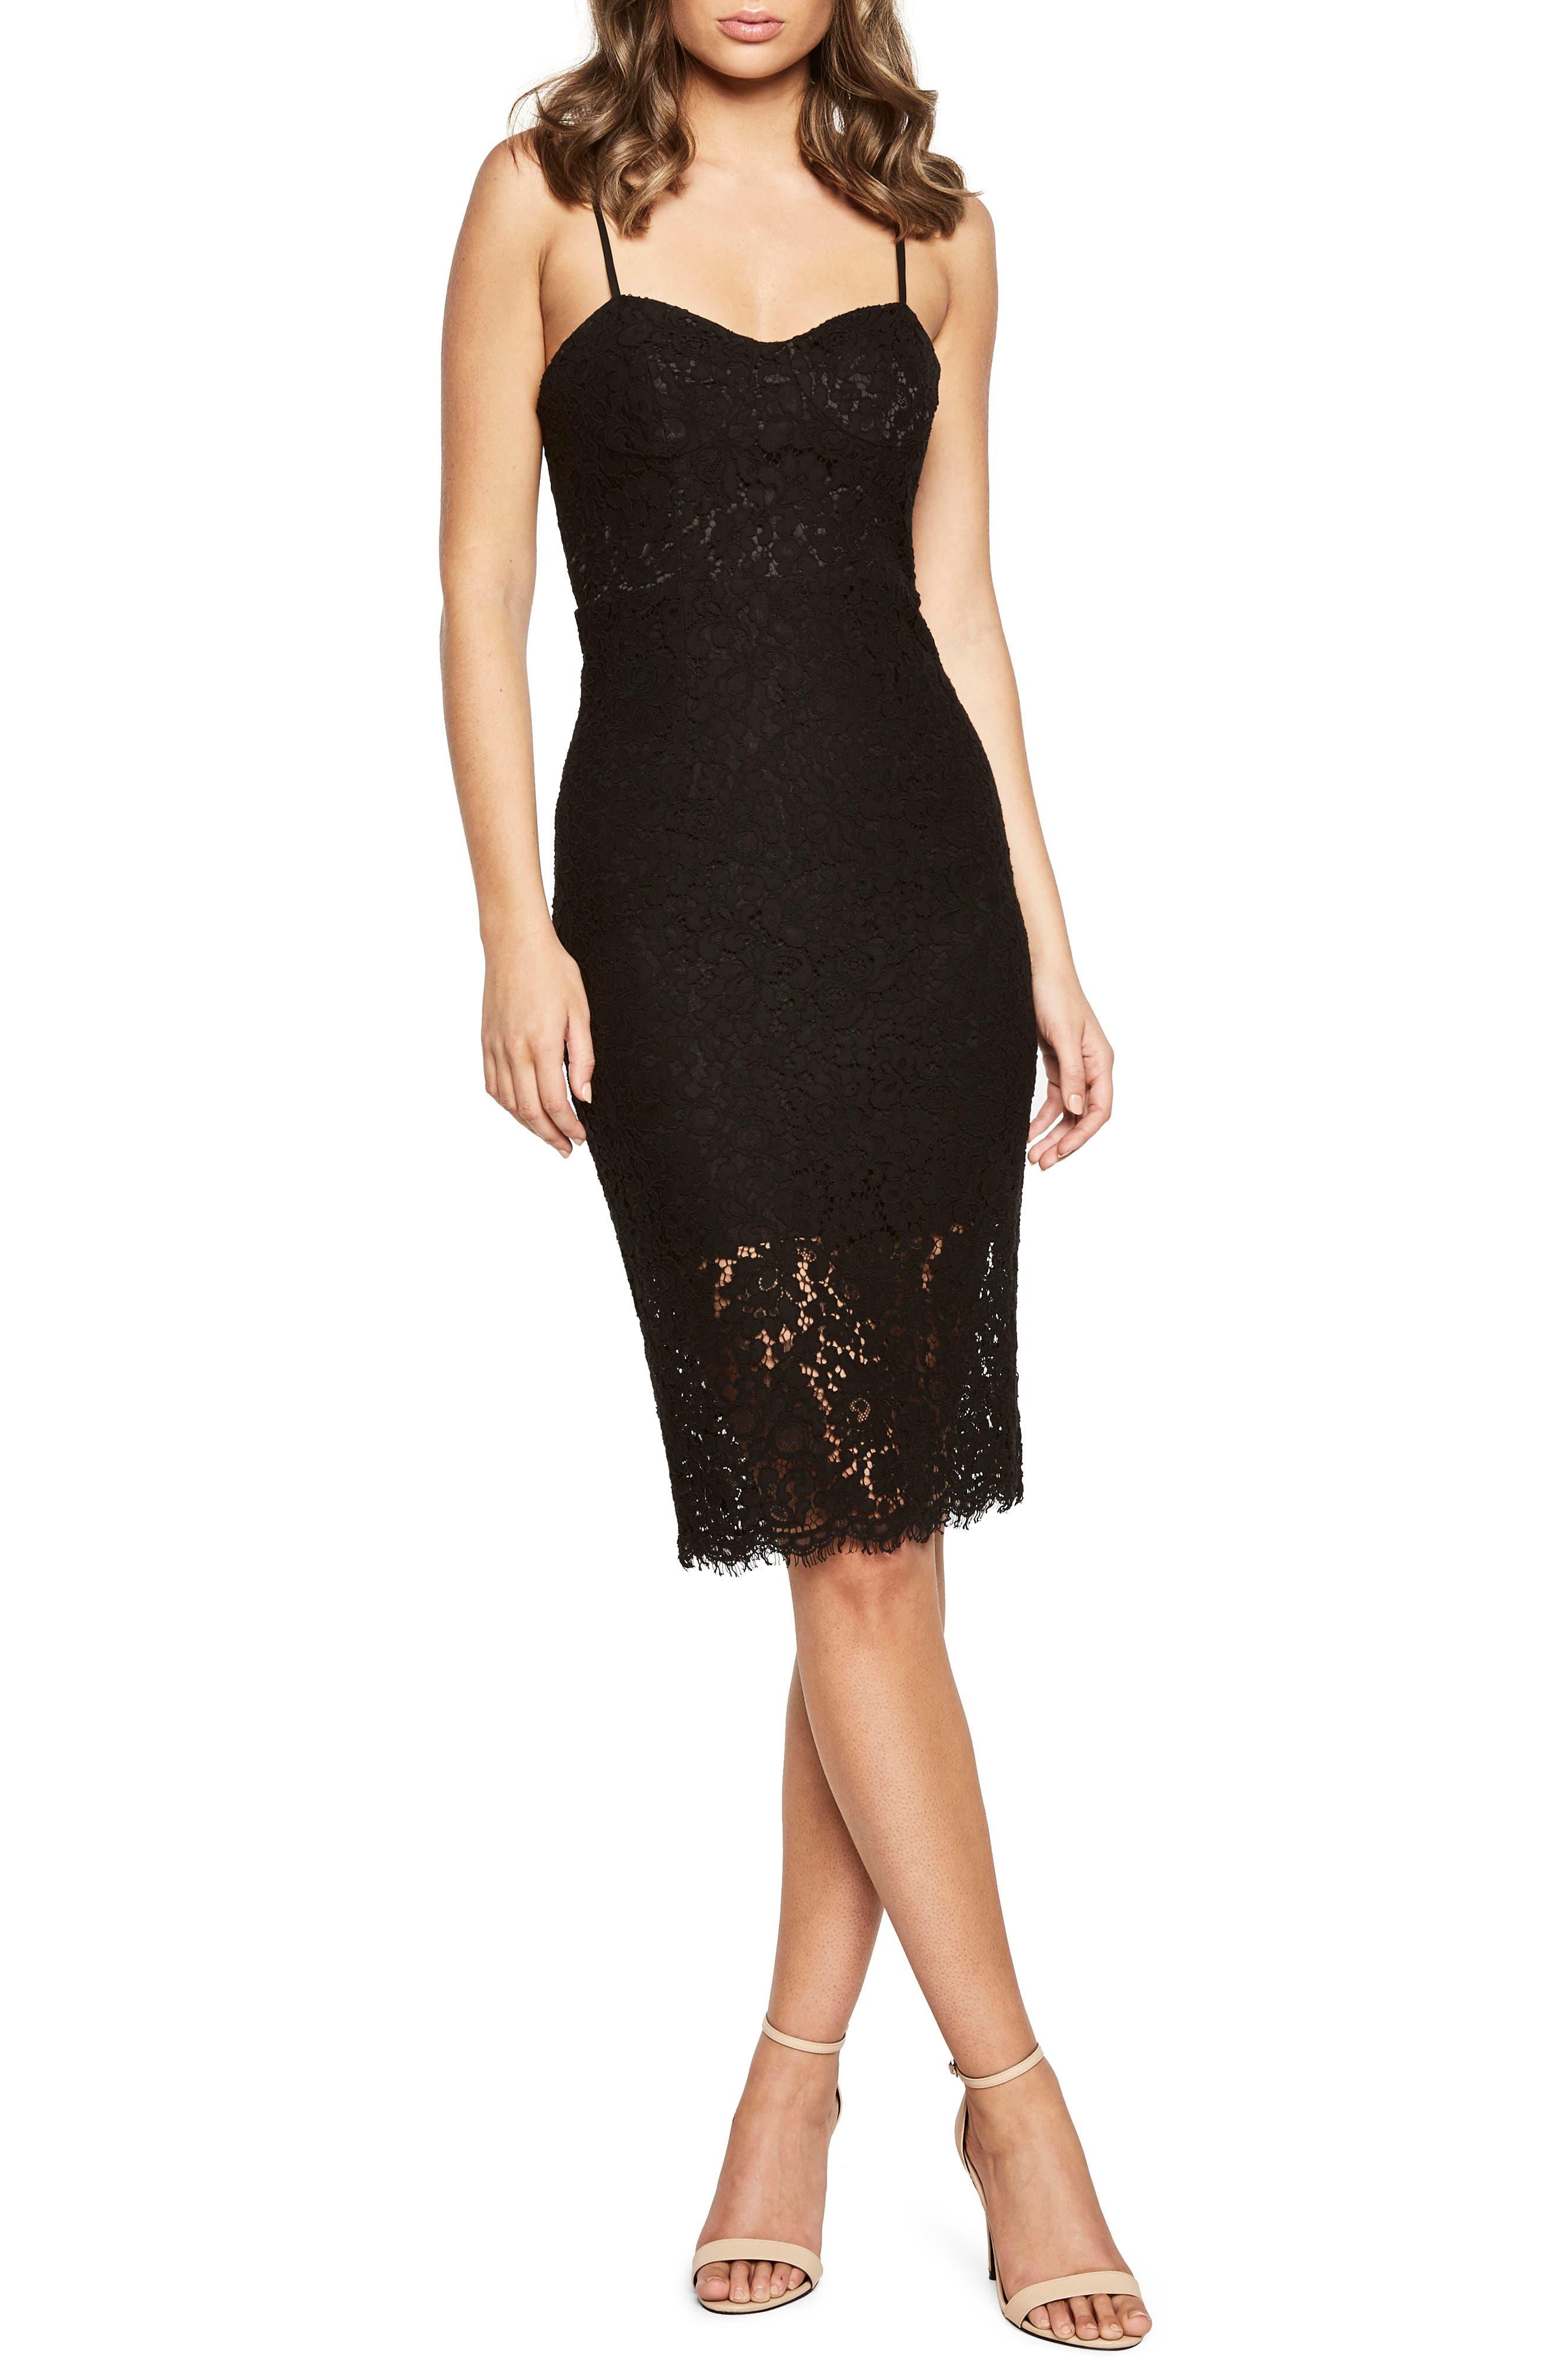 Pierre Lace Dress,                         Main,                         color, Black